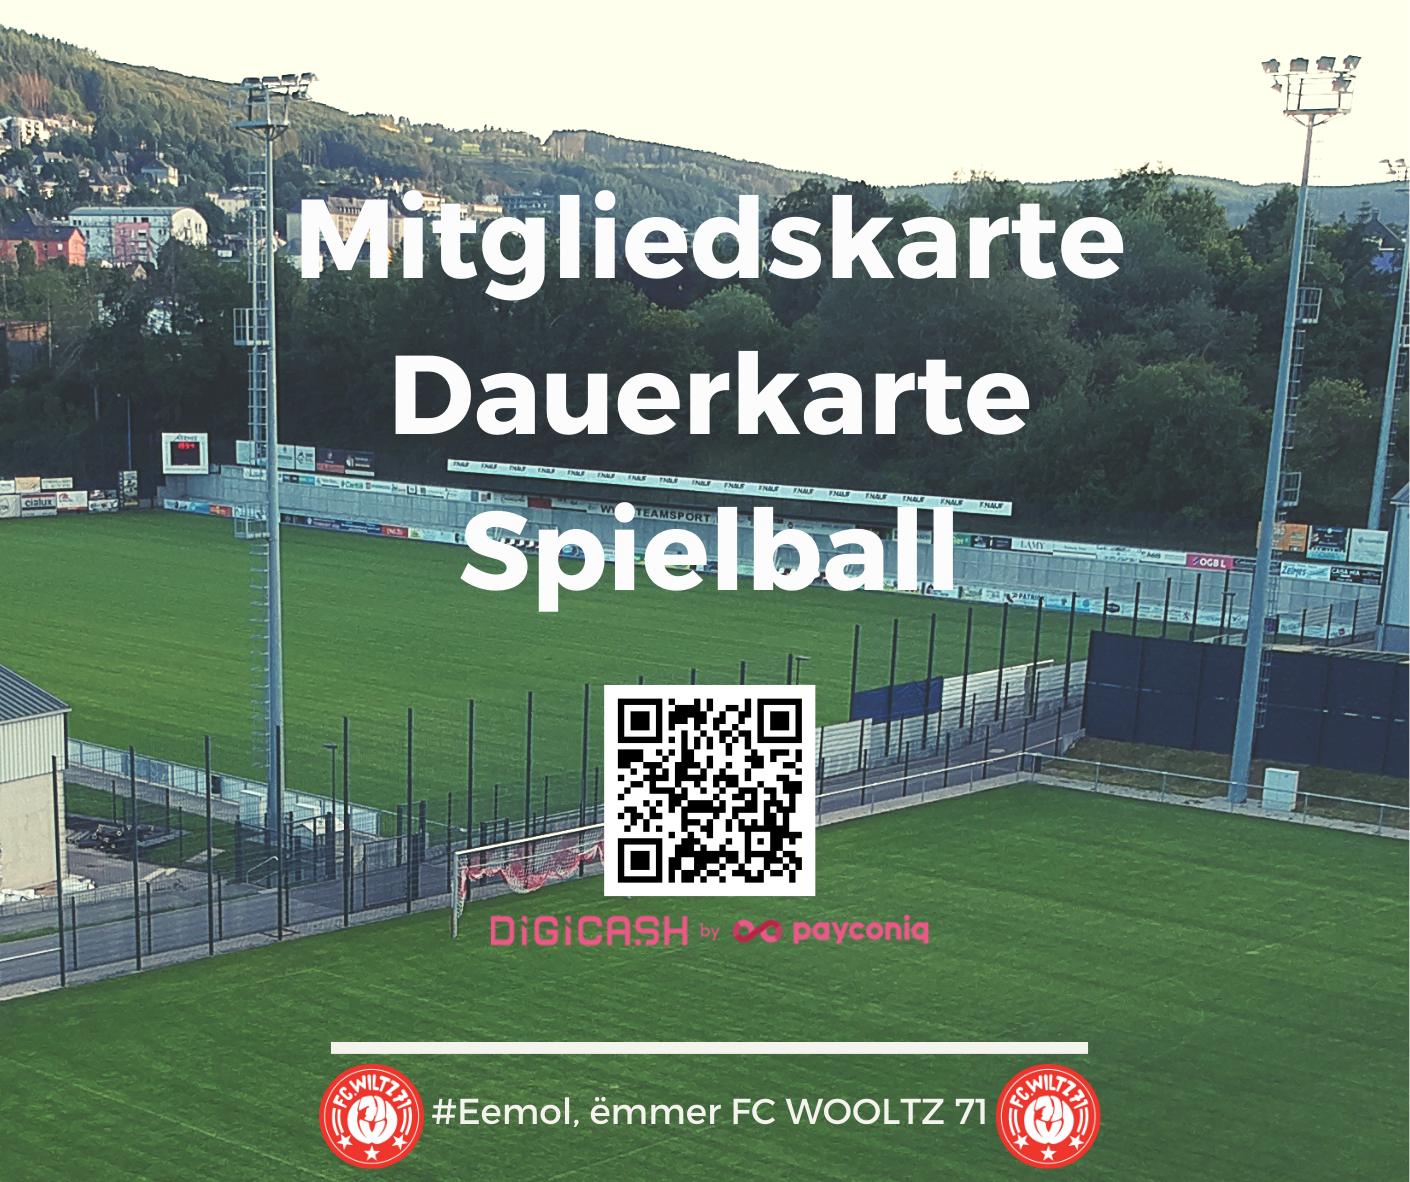 Mitgliedskarte - Dauerkarte - Spielball